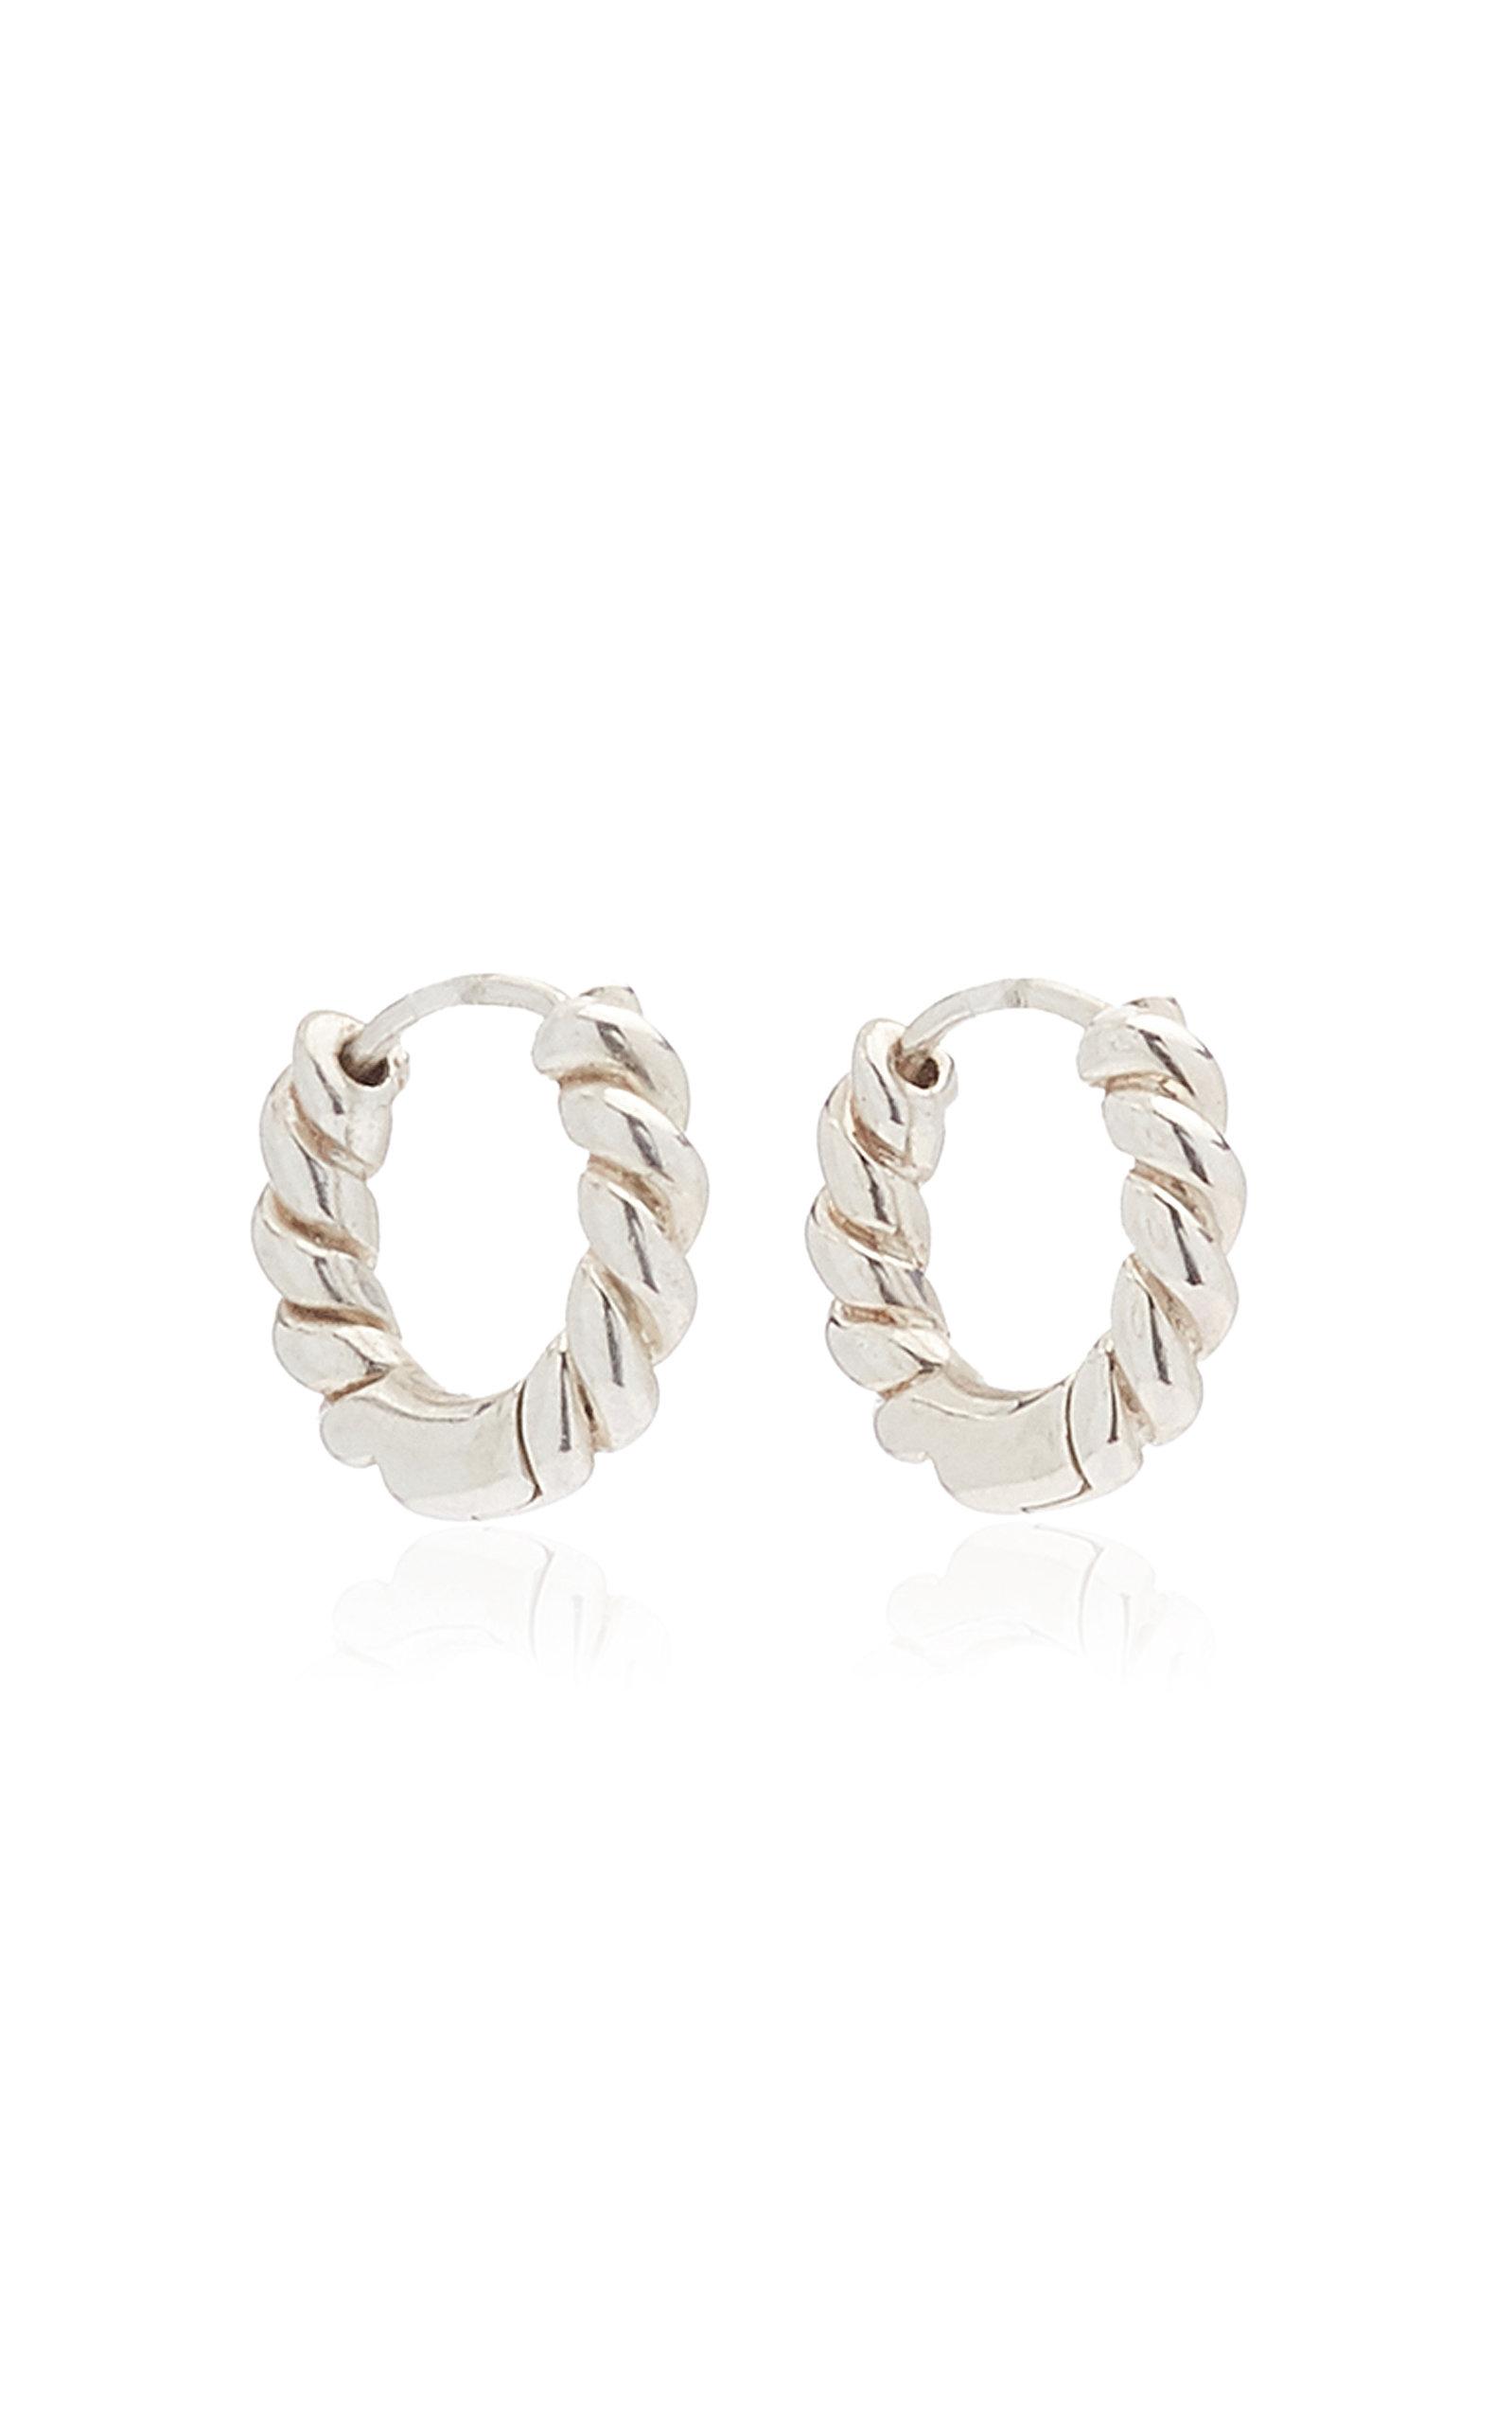 Women's Twisted Sterling Silver Hoop Earrings